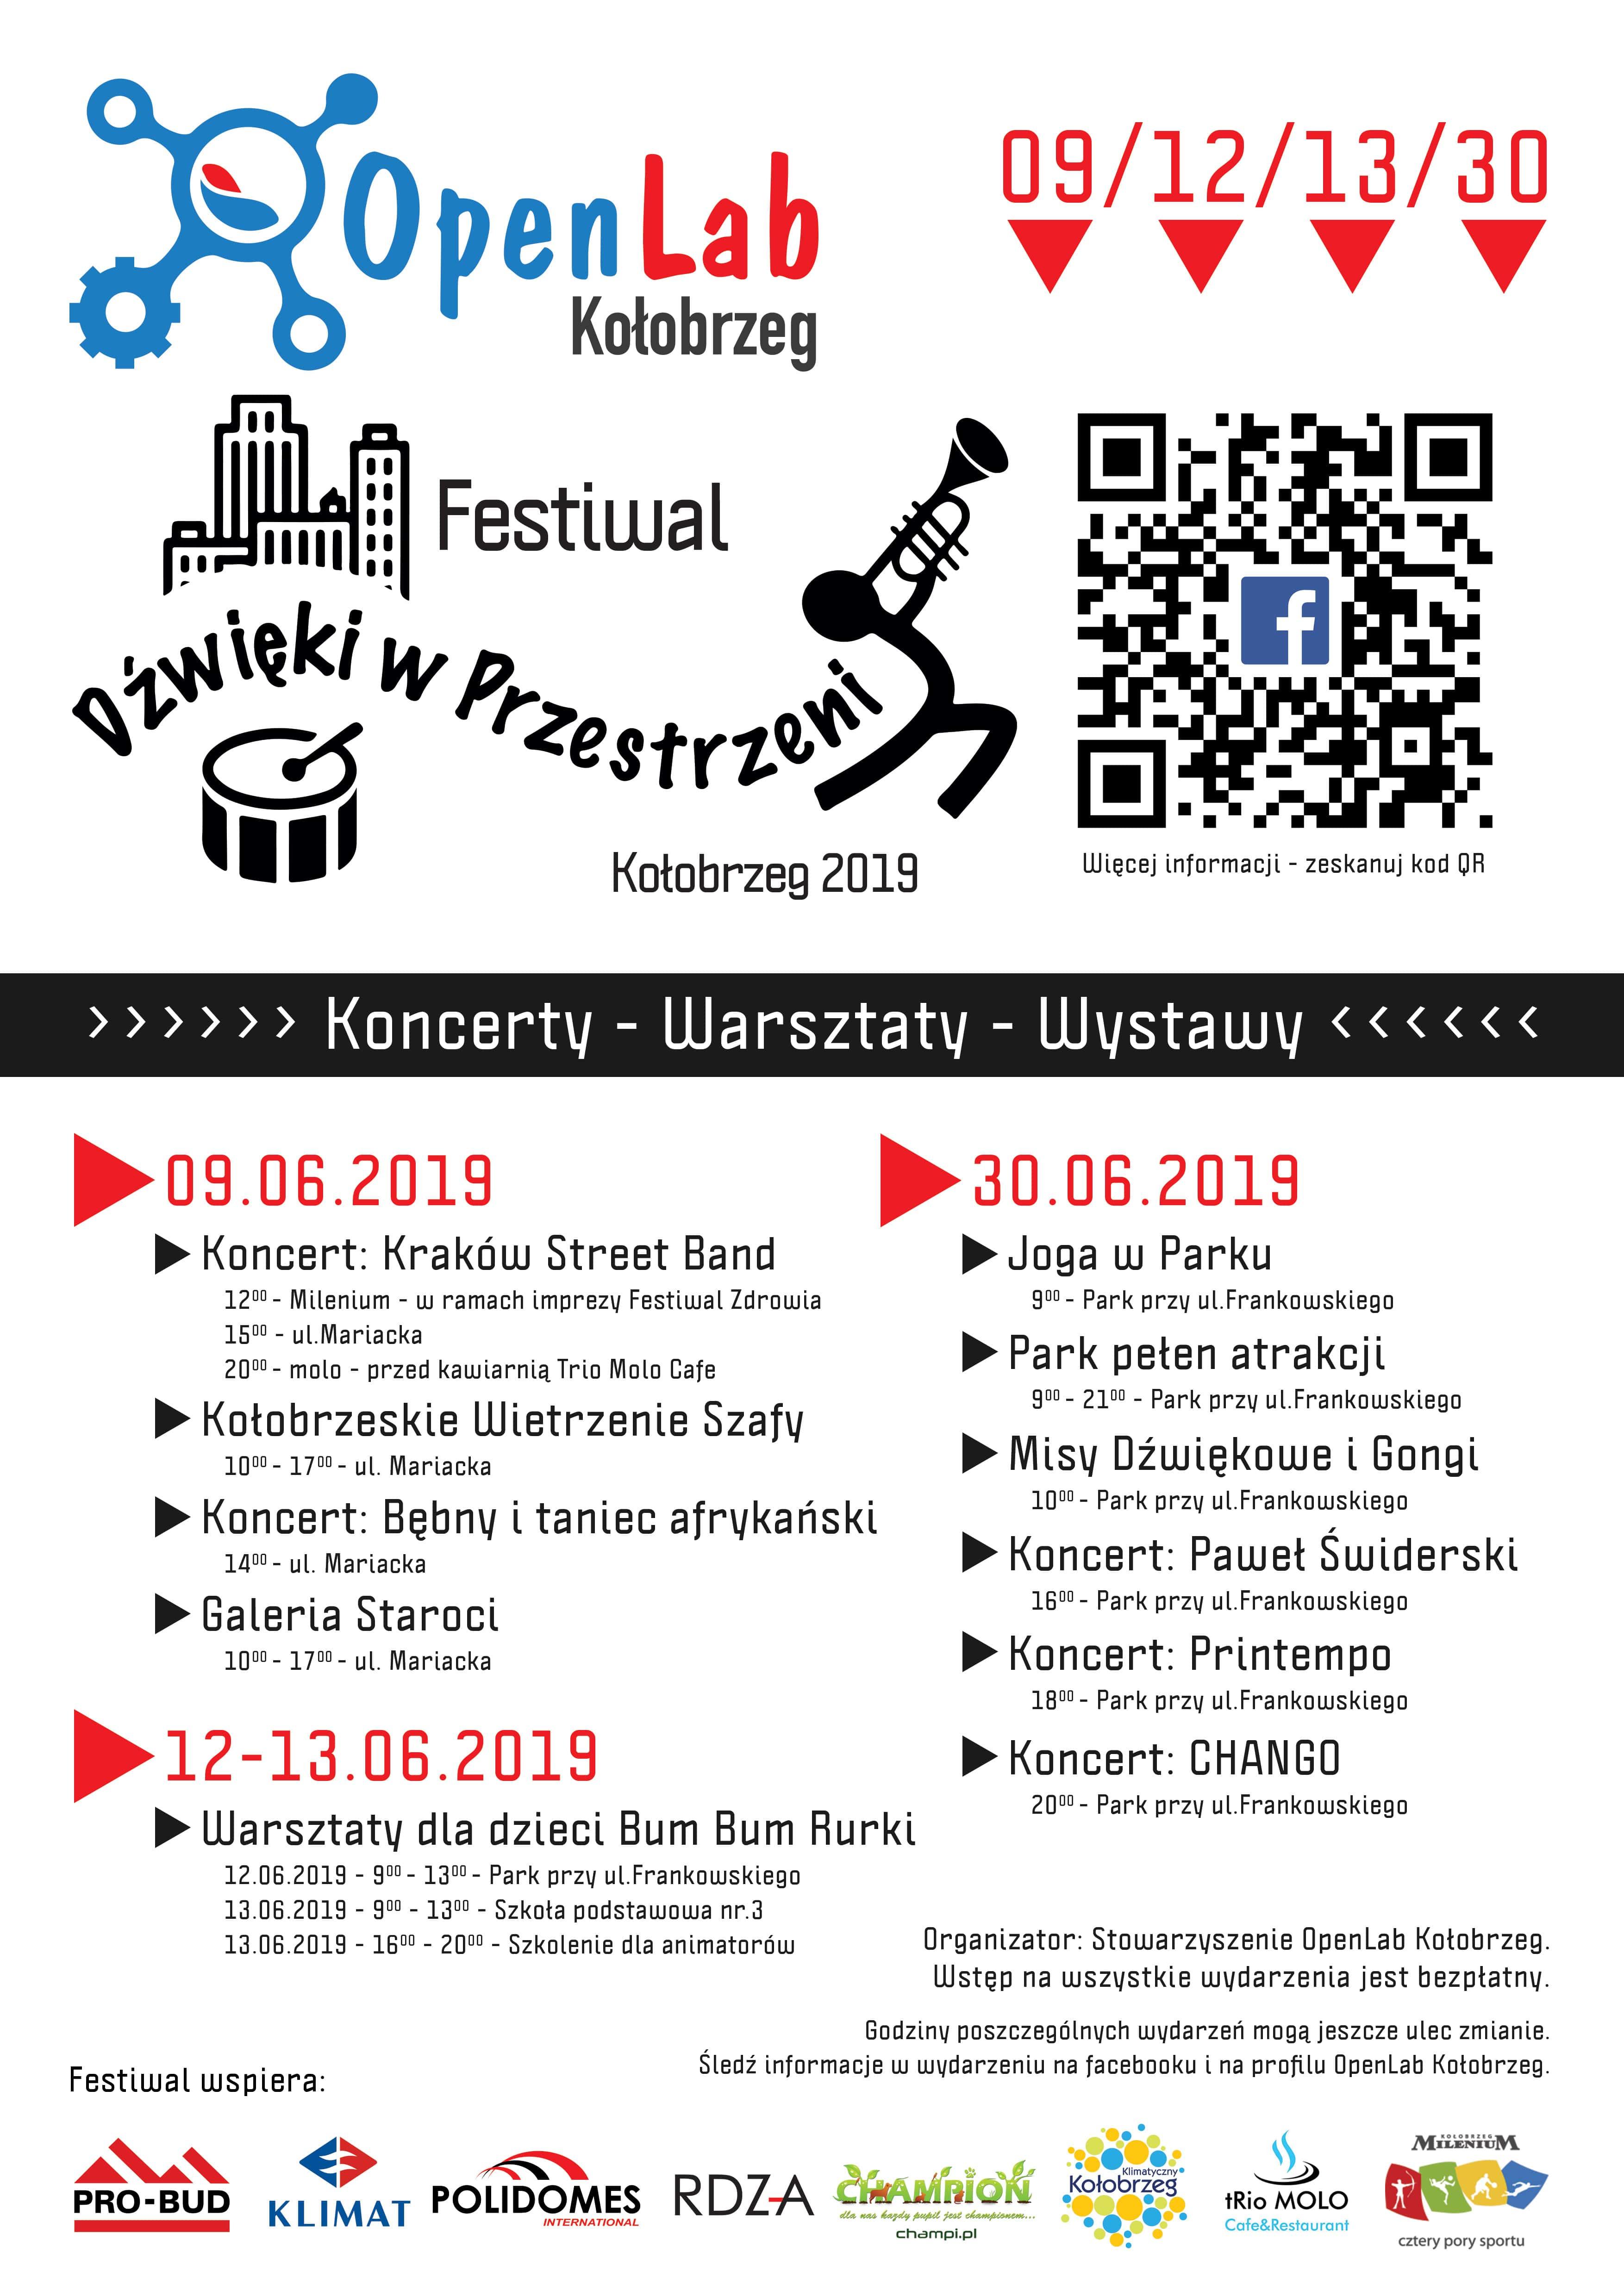 plakat min - Środa/czwartek, Festiwal Dźwięki w Przestrzeni/warsztaty dla dzieci Bum Bum Rurki, wstęp wolny